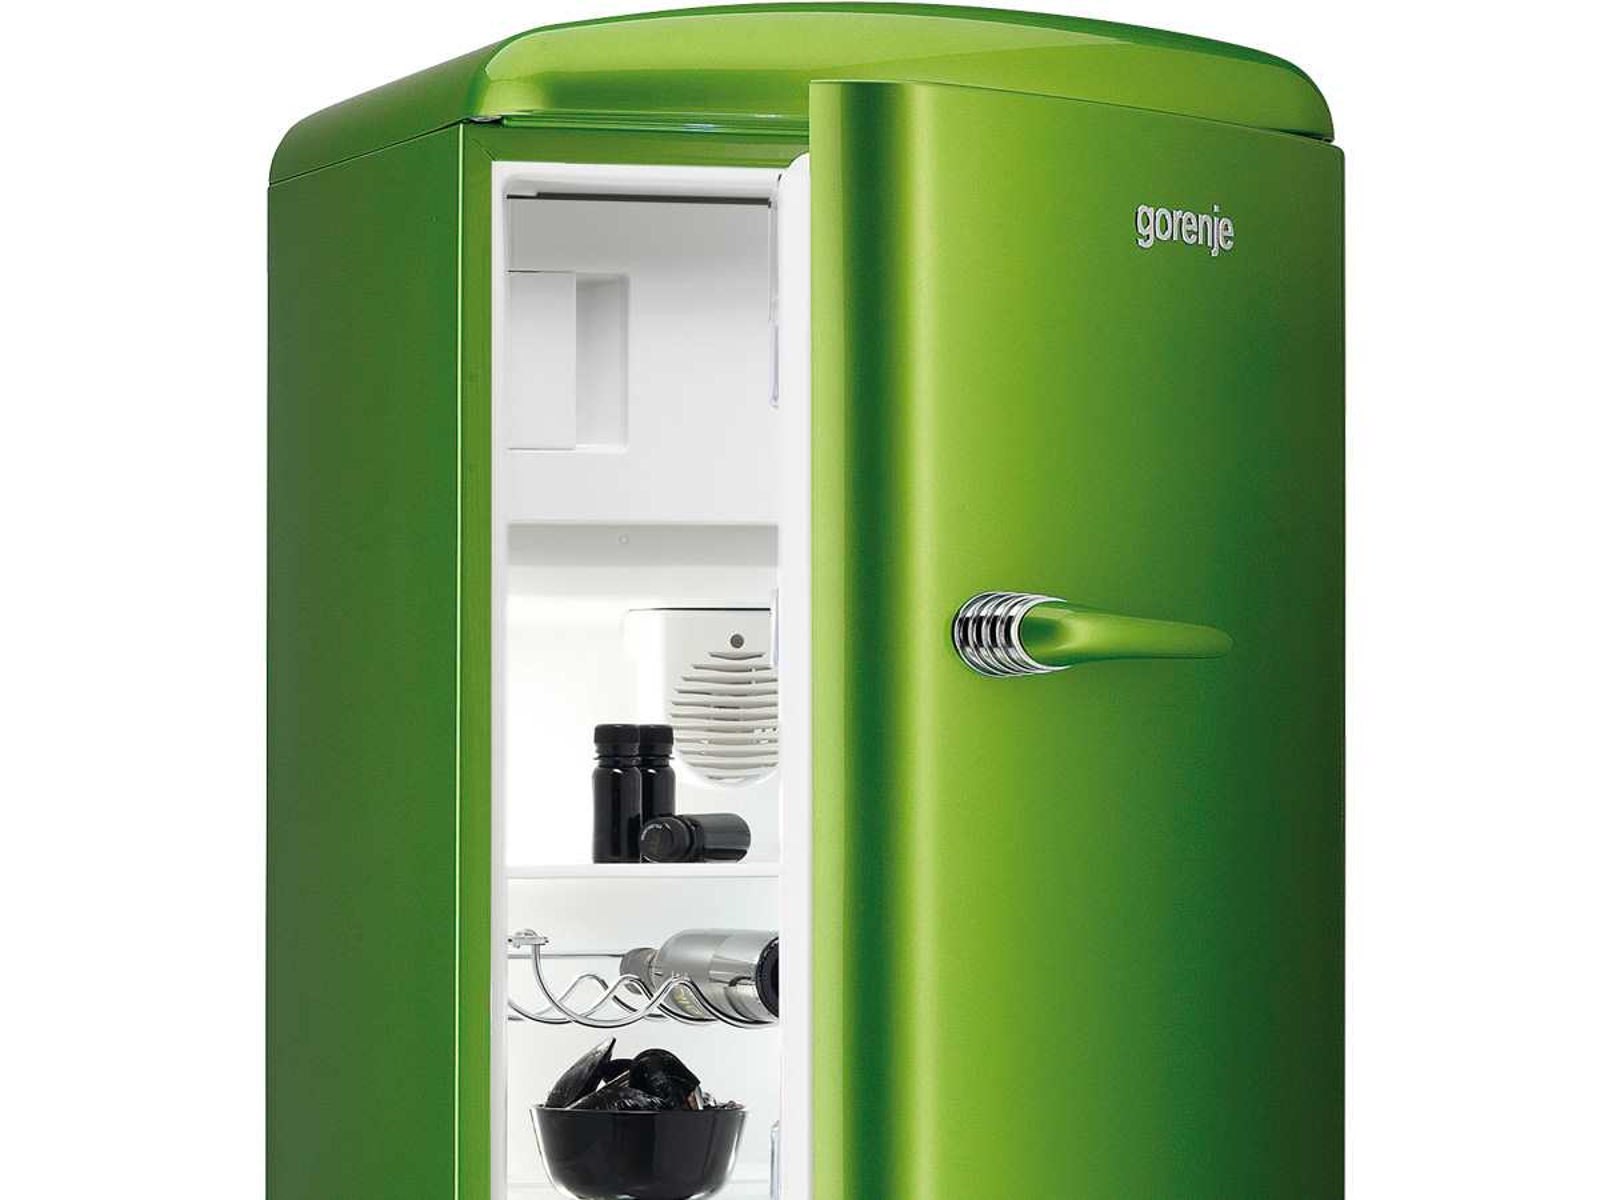 Gorenje Kühlschrank Grün : Gorenje küchen gorenje hÖlzel küchendesign einbauküchen für nossen